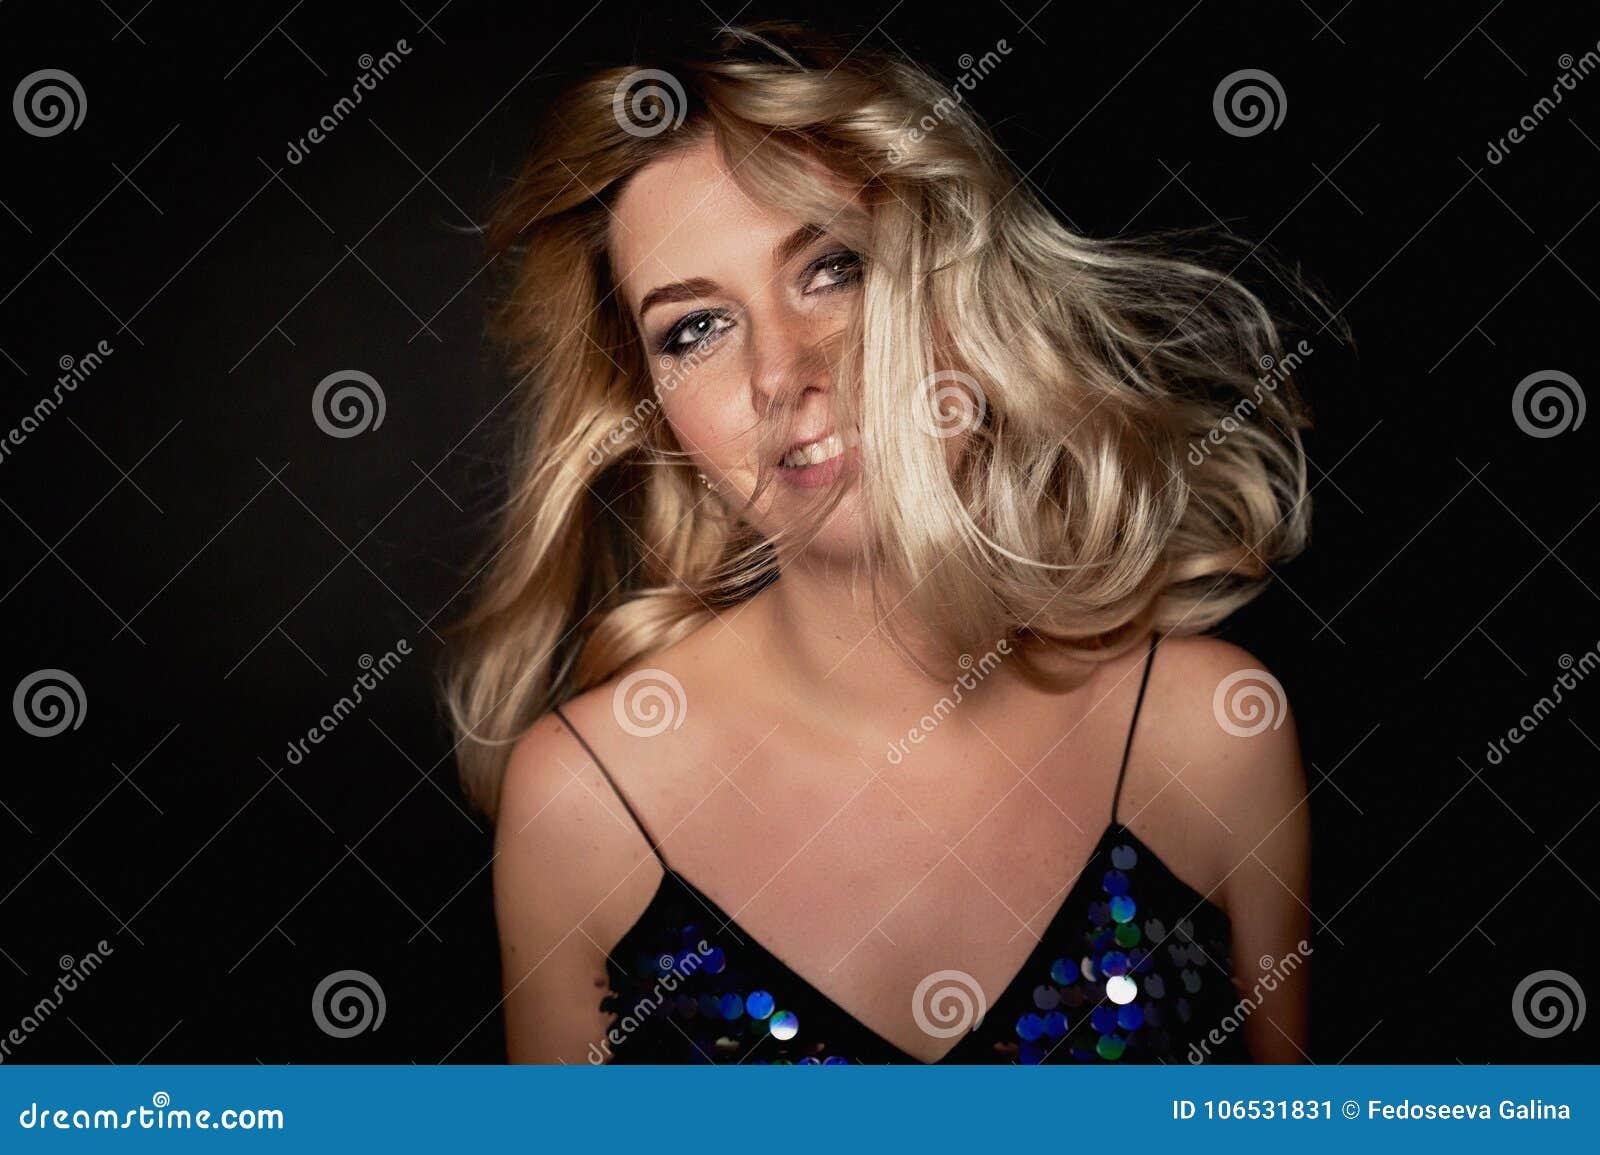 La belle jeune femme blonde avec le maquillage professionnel Smokey observe Cheveux flottant dans la danse